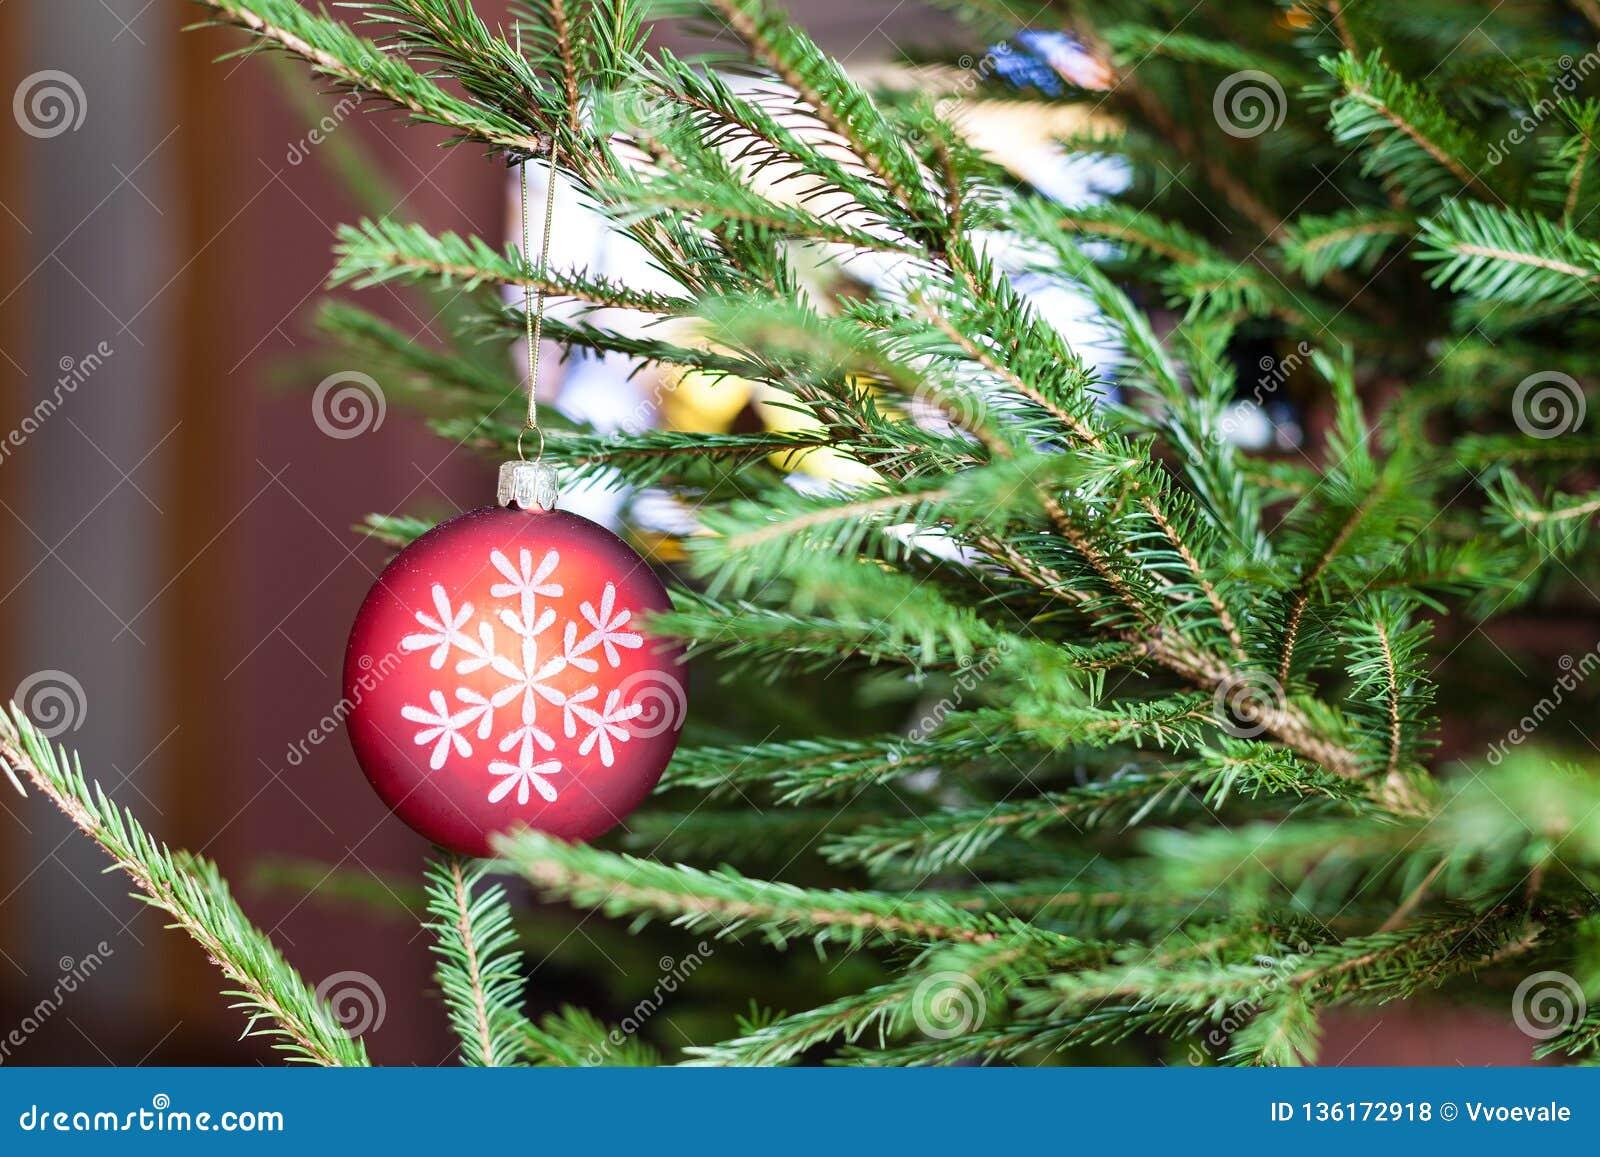 Орнаменты на хворостинах рождественской елки и телевизора